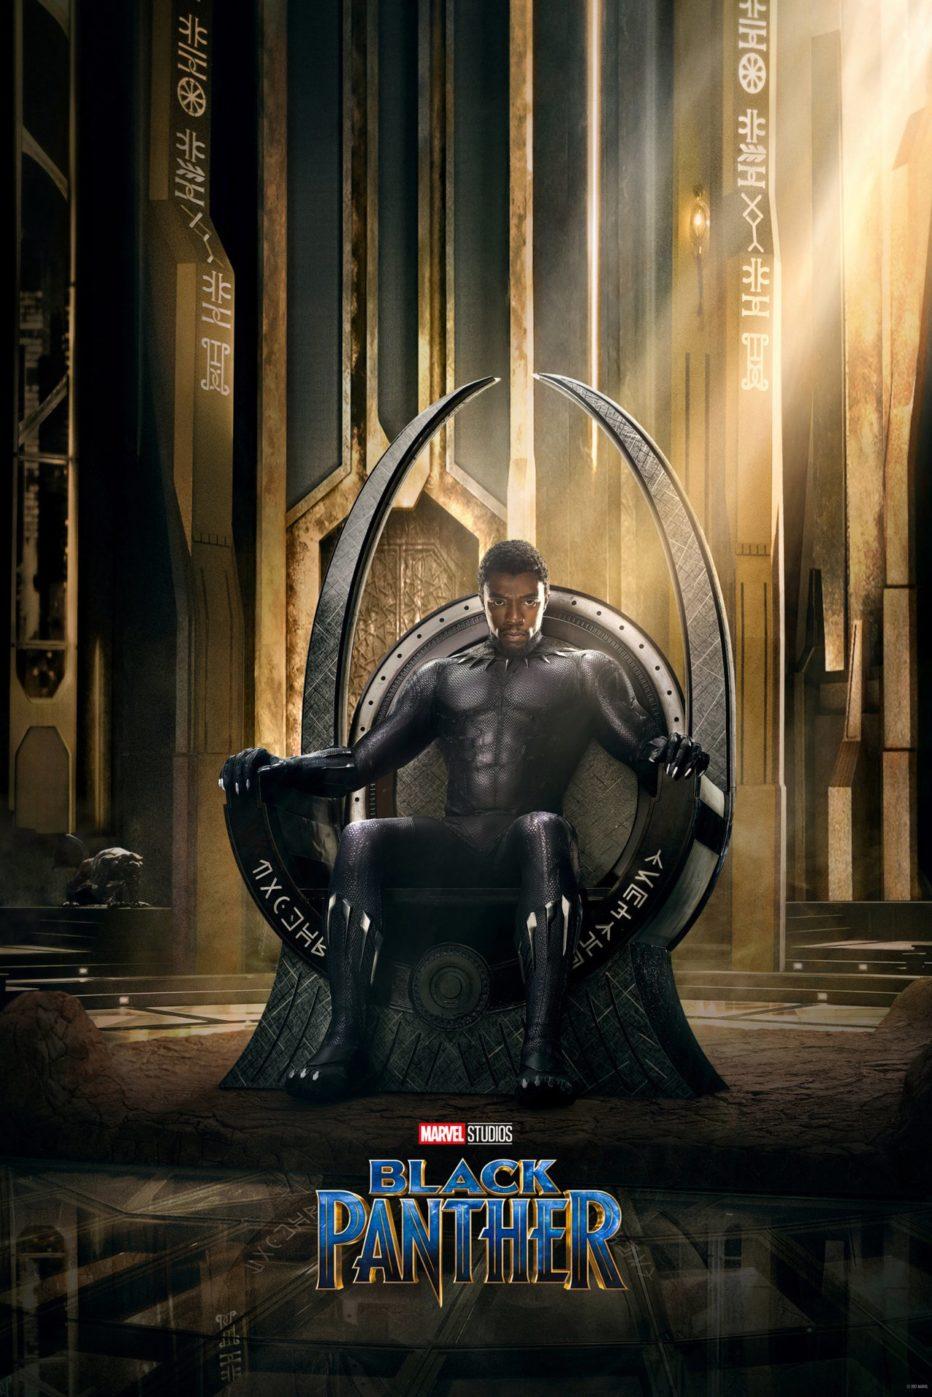 Primer Teaser Trailer de Black Panther